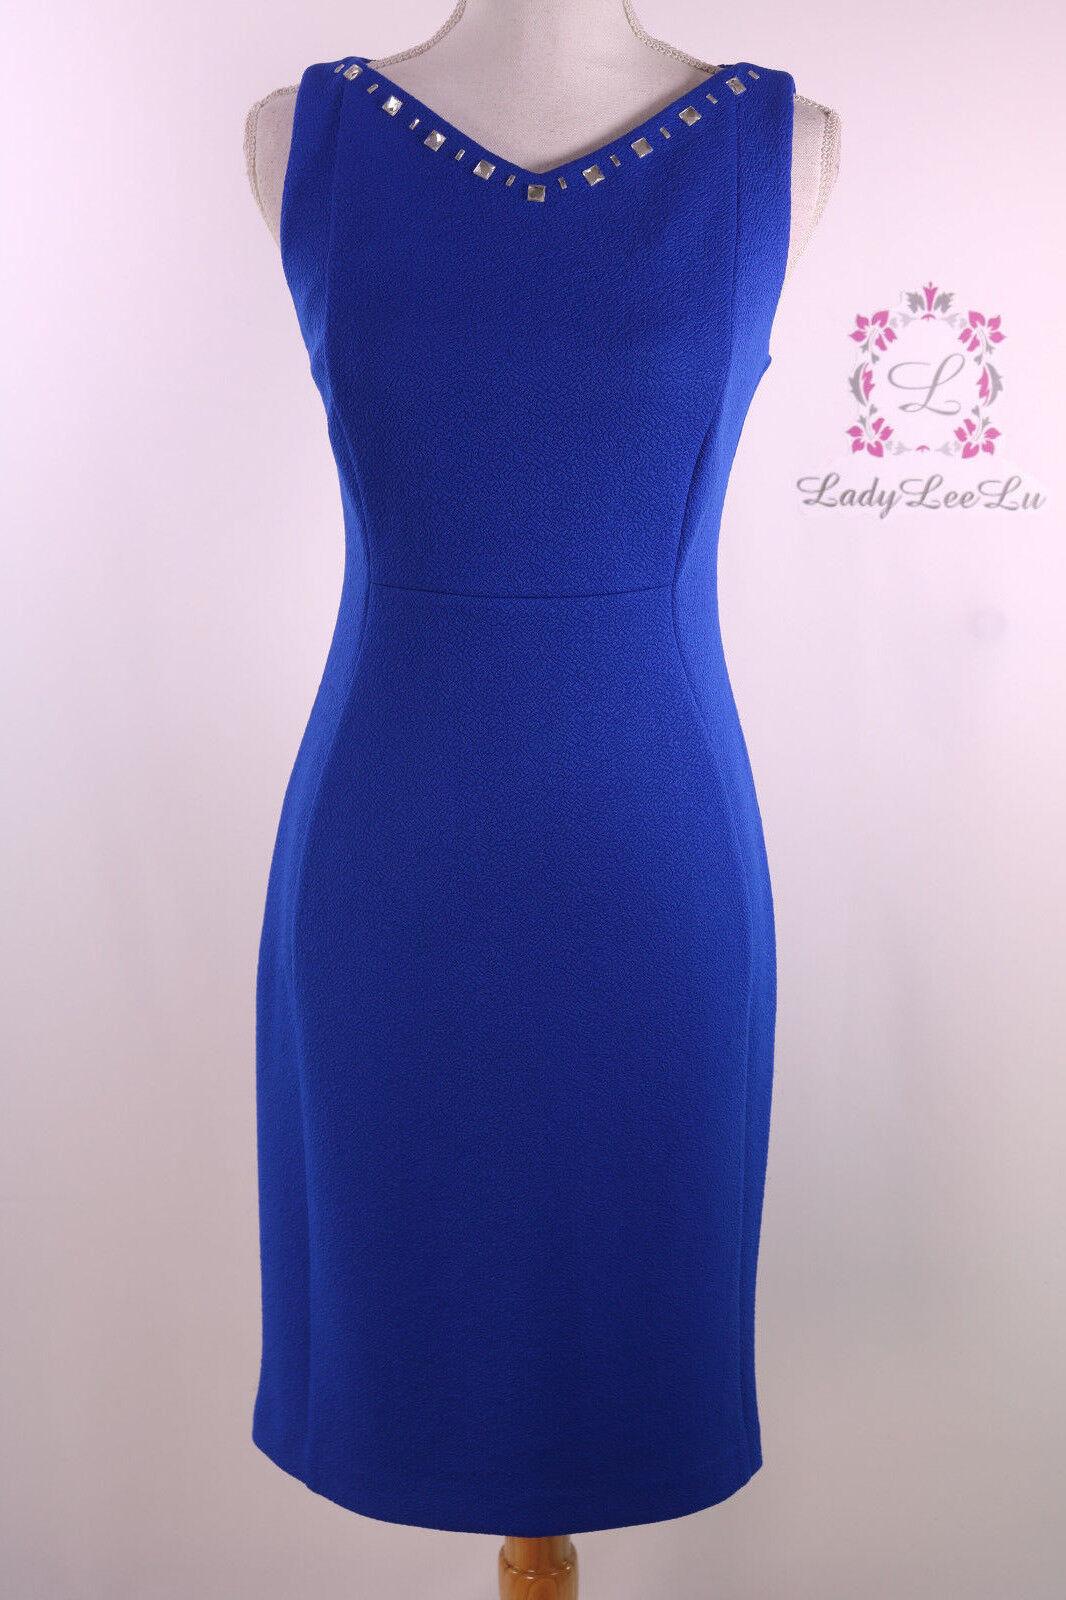 Karl Lagerfeld Paris Wear to Work Texture Sheath Dress L6GB7917 Size 8 12 16 NWT